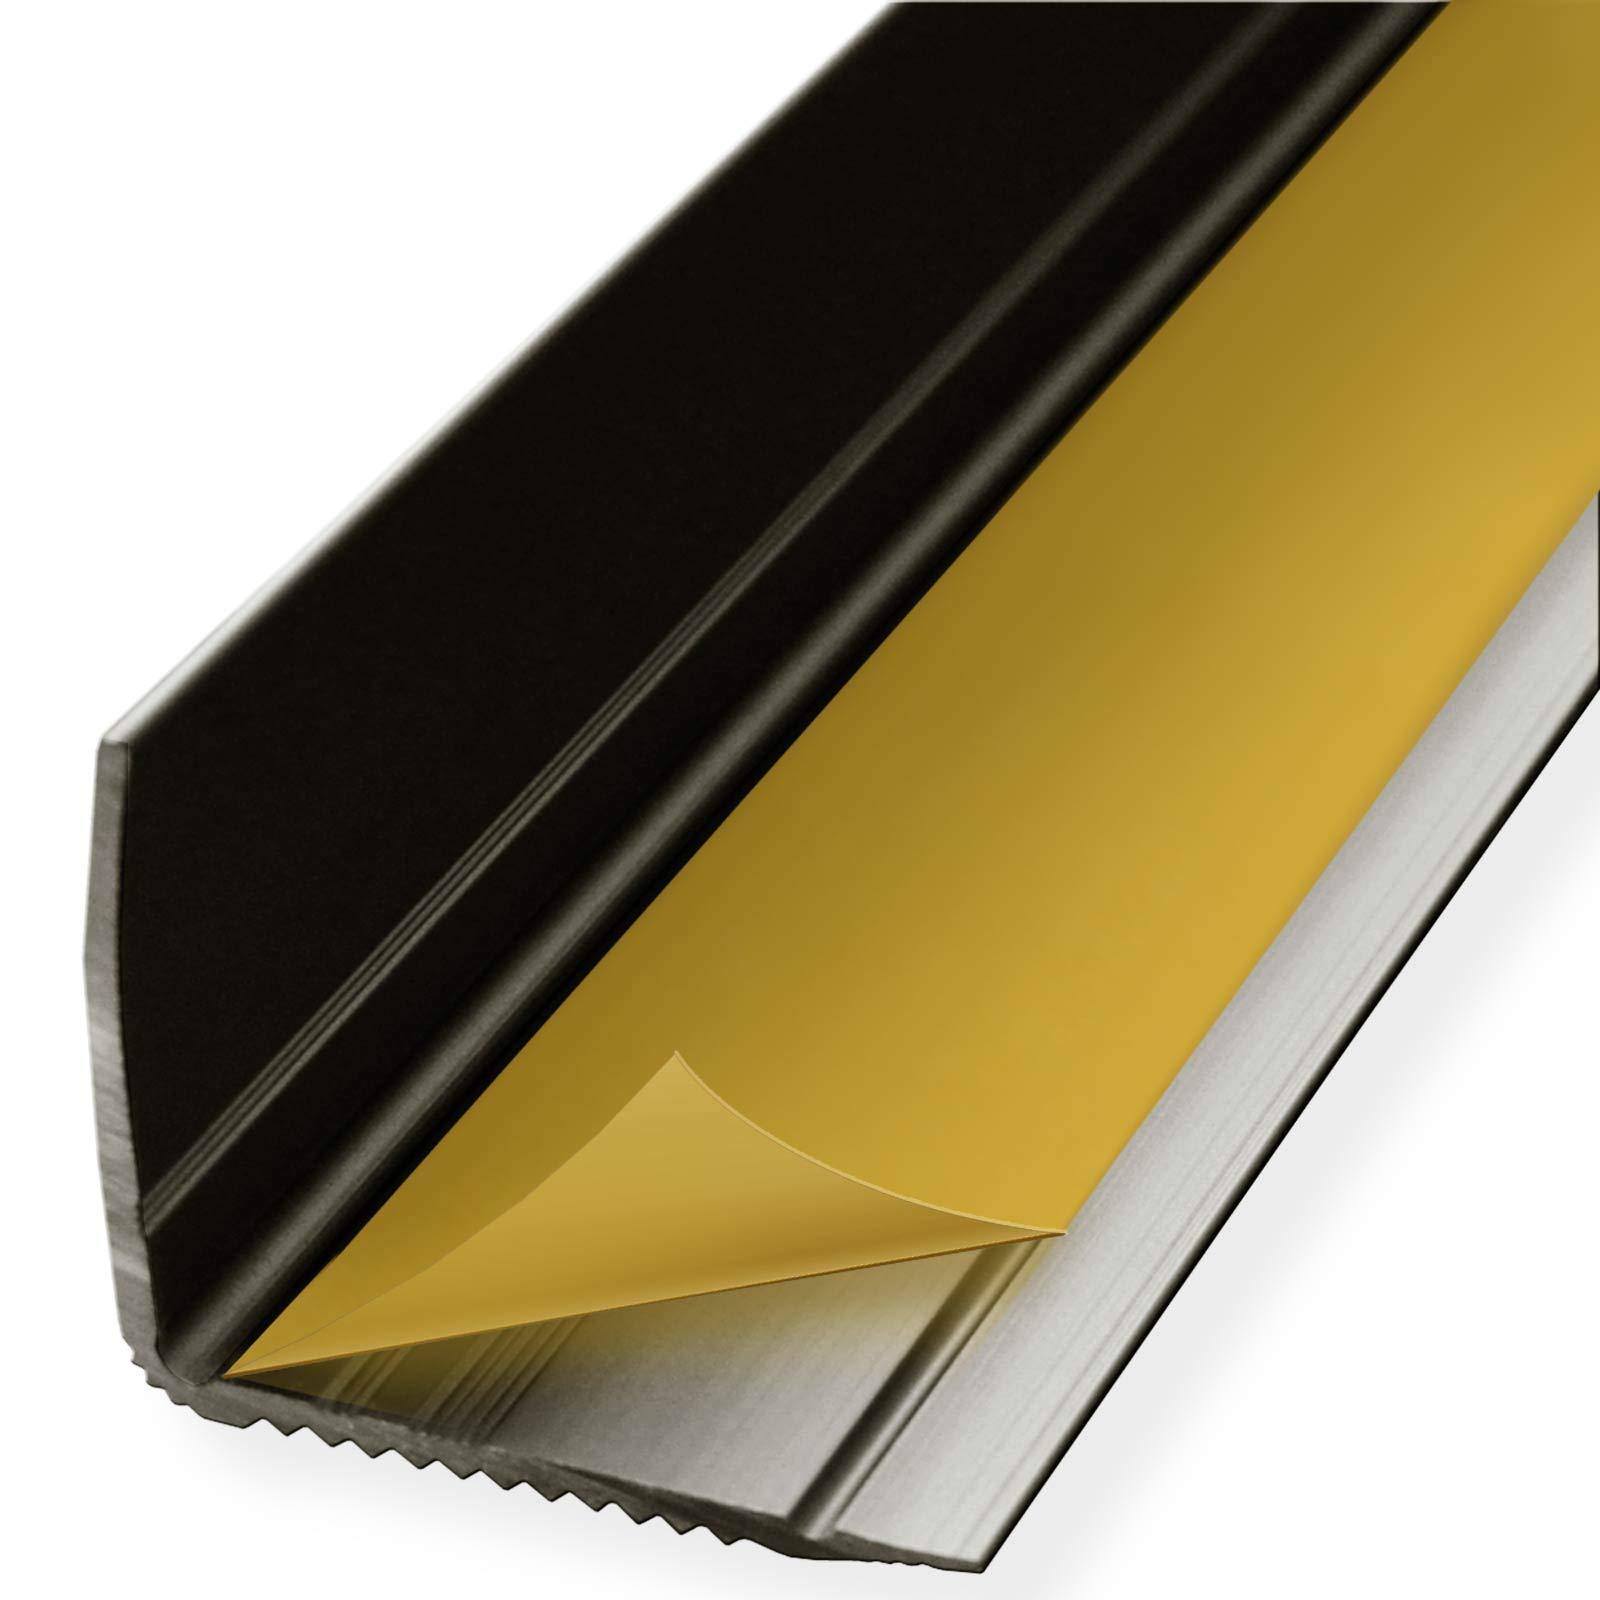 Perfil integral de mamperlán autoadhesivo, aluminio, para escalera, forma de L, ancho 30 mm, en muchos colores y longitudes: Amazon.es: Bricolaje y herramientas